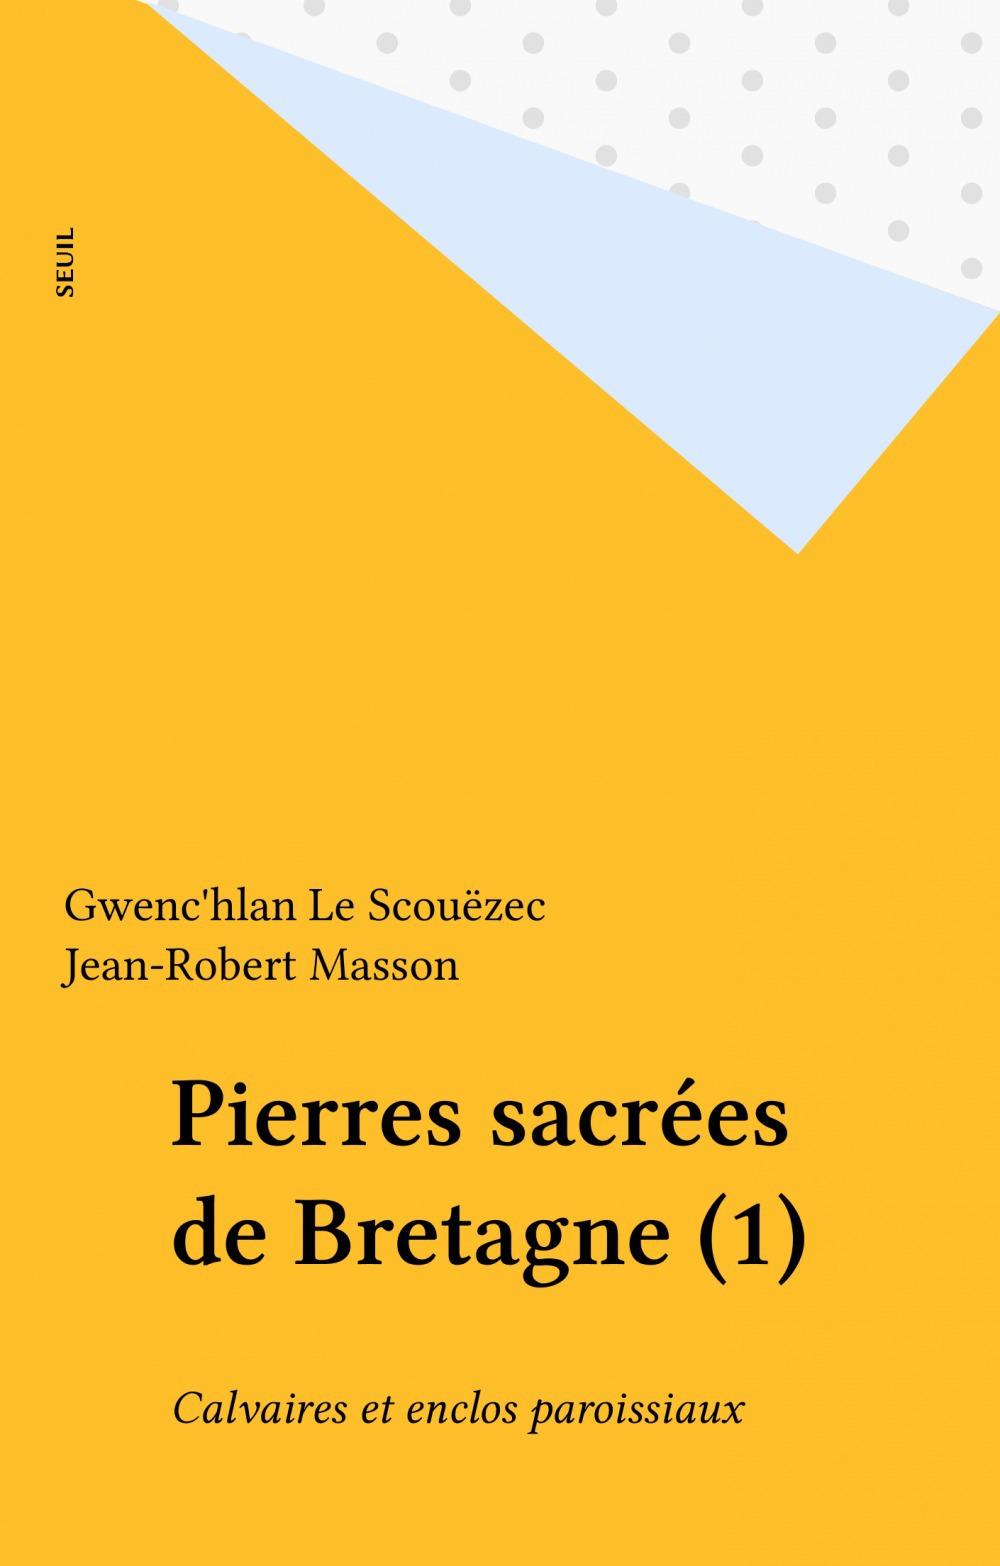 Pierres sacrées de Bretagne (1)